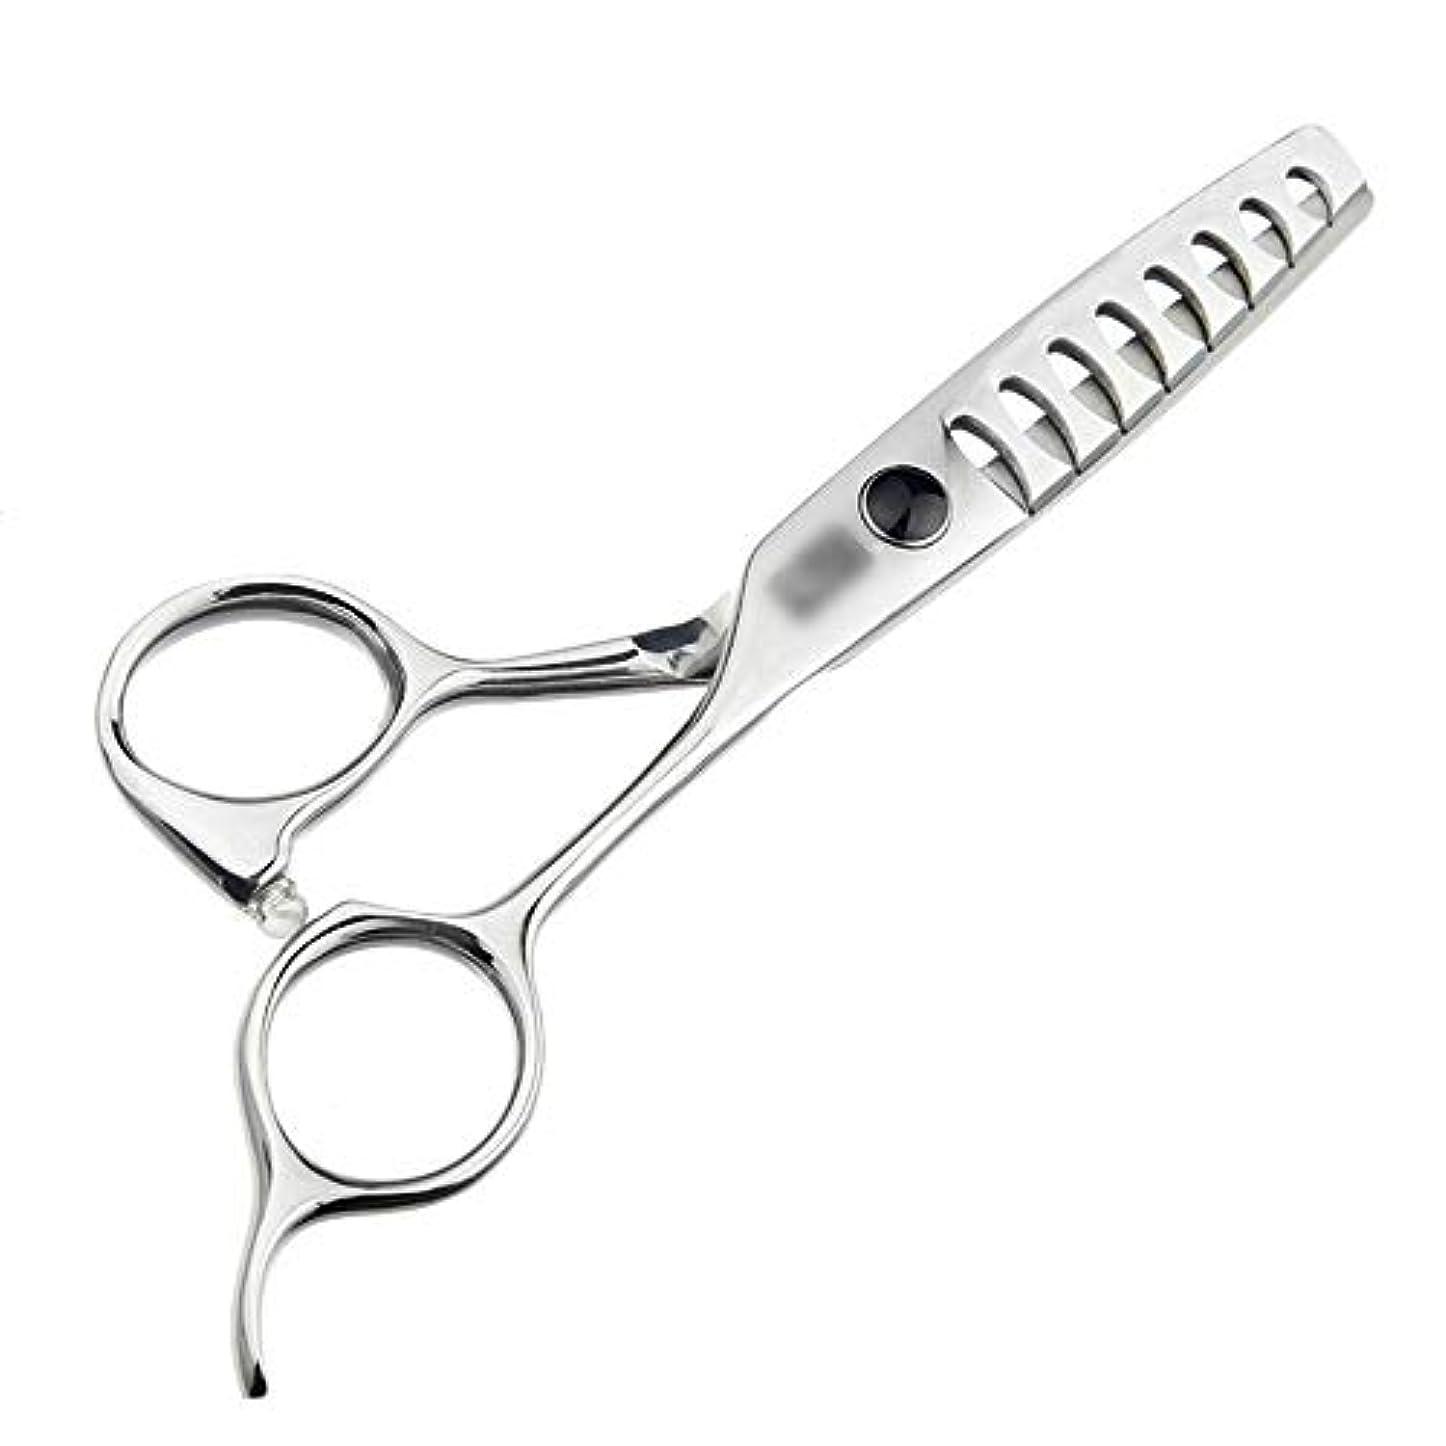 肺炎ハードウェア歪める理髪用はさみ 5.5インチの高級ヘアカットの魚の骨のはさみ、継ぎ目が無い毛はさみの毛の切断はさみのステンレス製の理髪師のはさみ (色 : Silver)